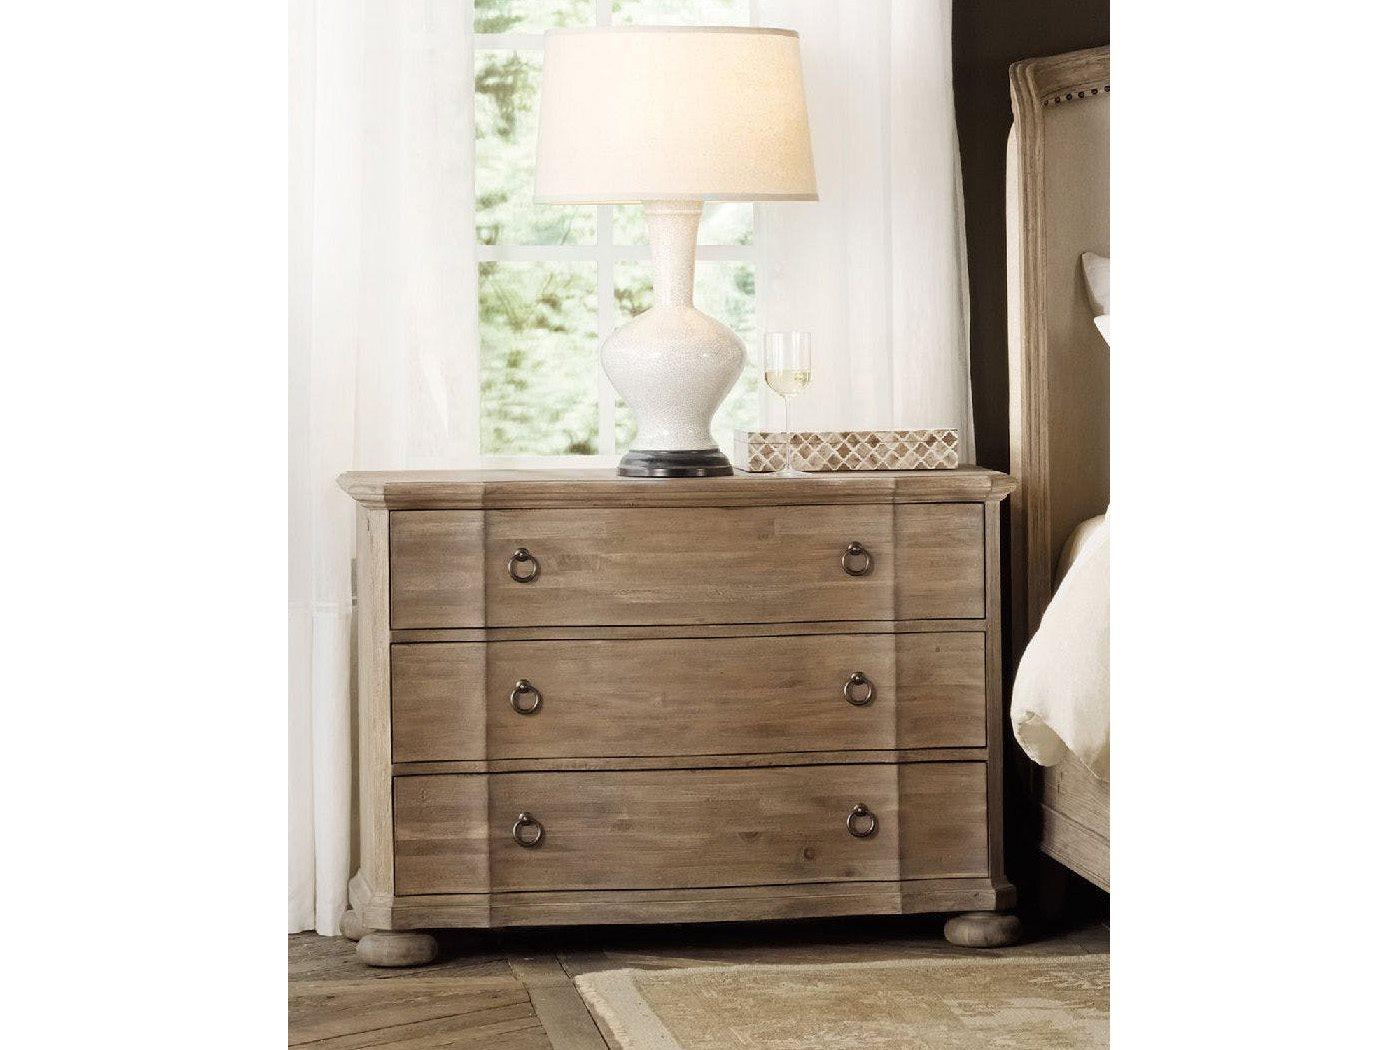 Hooker Furniture Corsica Light Wood 42 W X 19 D Rectangular Bachelor Chest Nightstand Hoo518090017